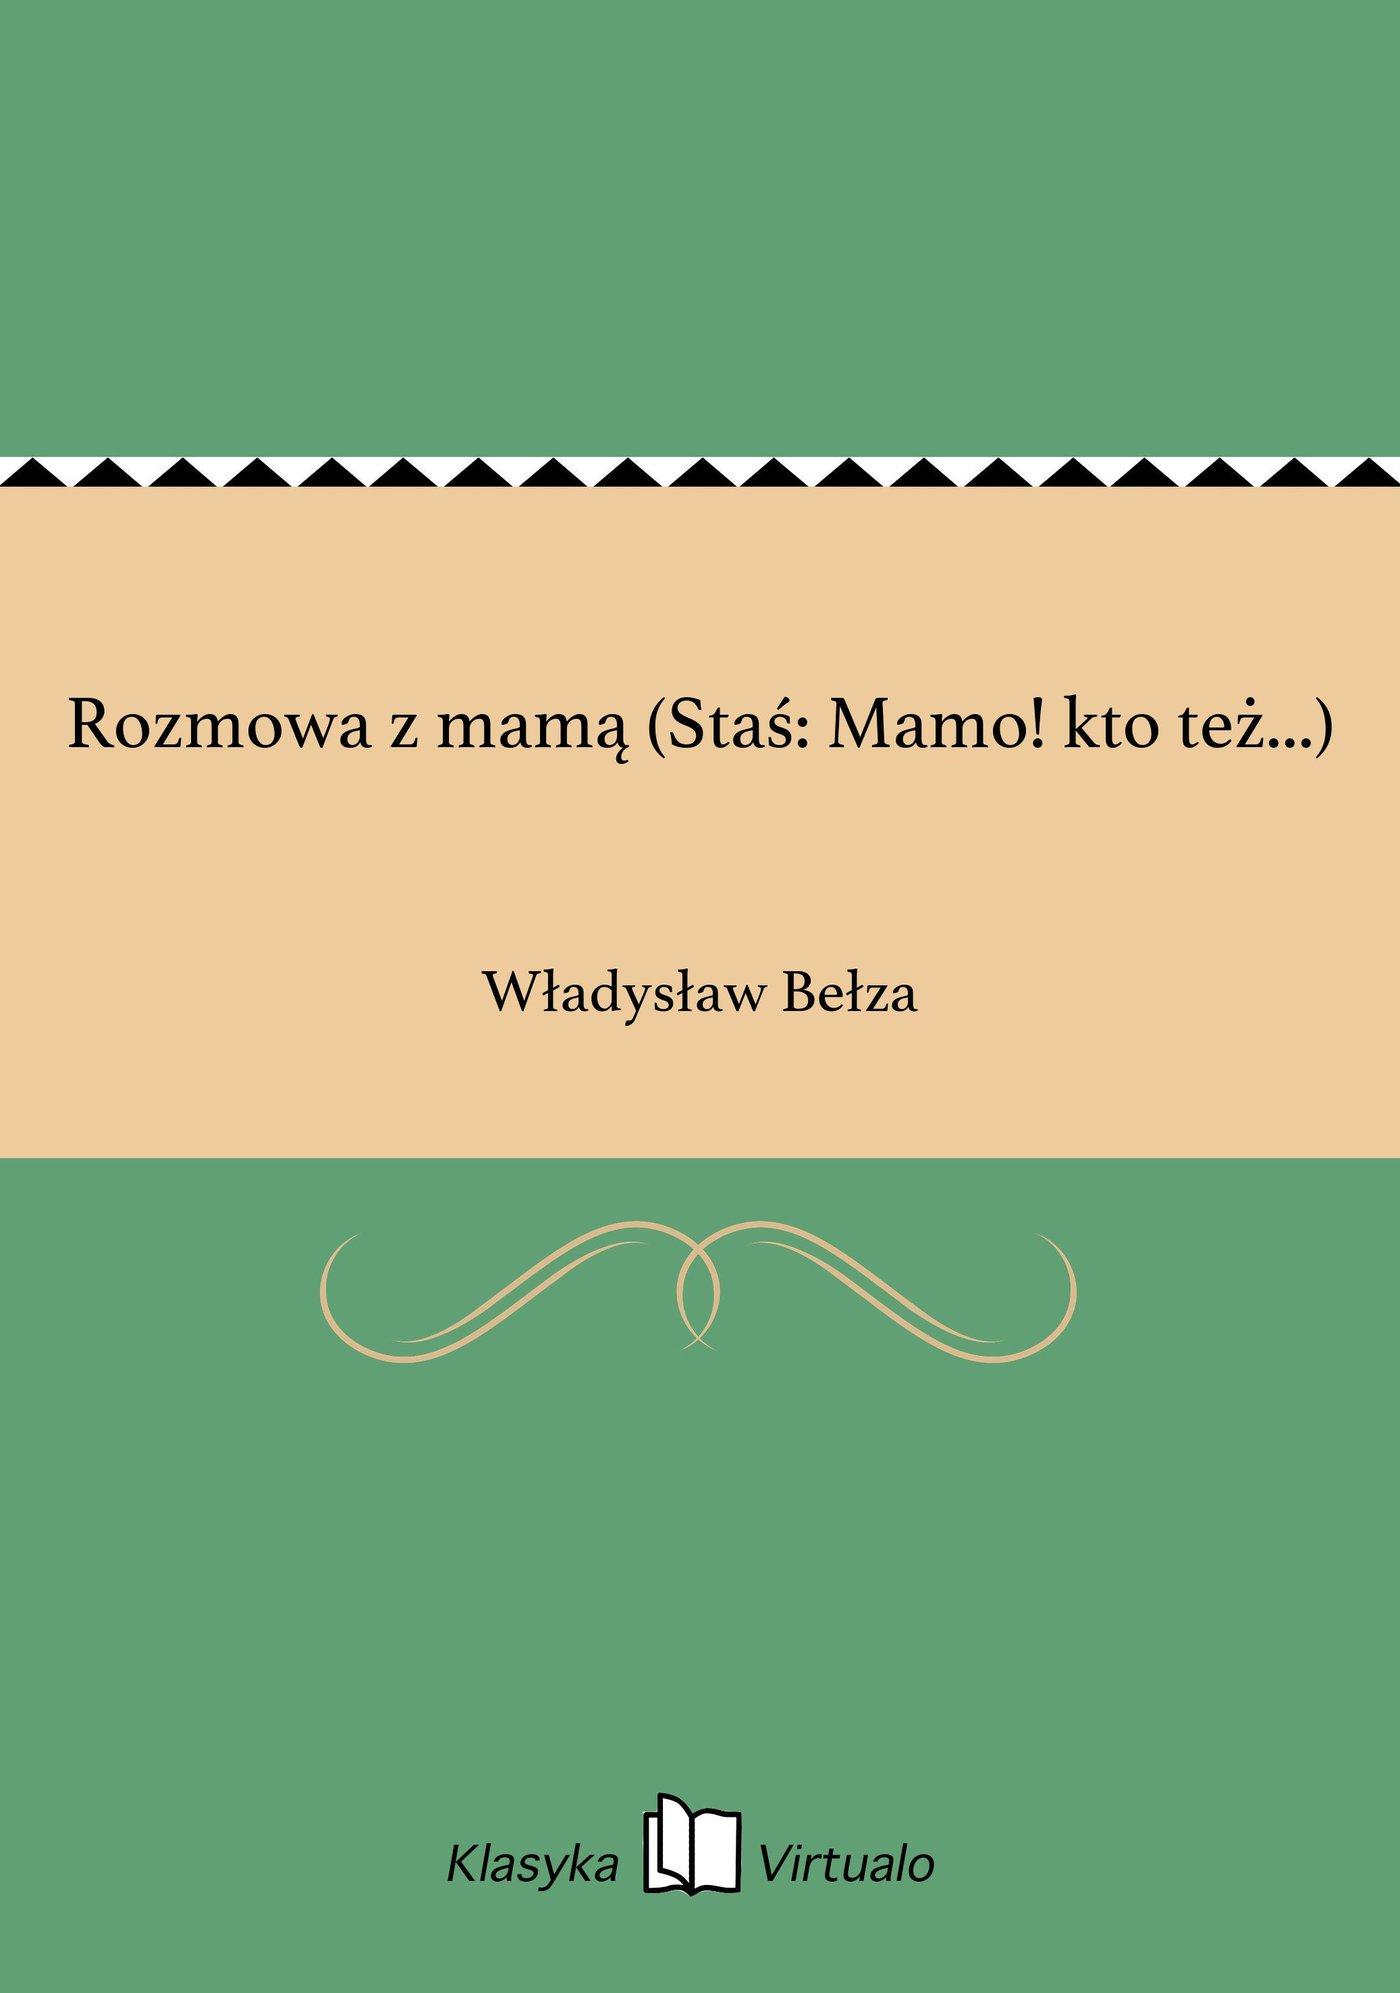 Rozmowa z mamą (Staś: Mamo! kto też...) - Ebook (Książka na Kindle) do pobrania w formacie MOBI